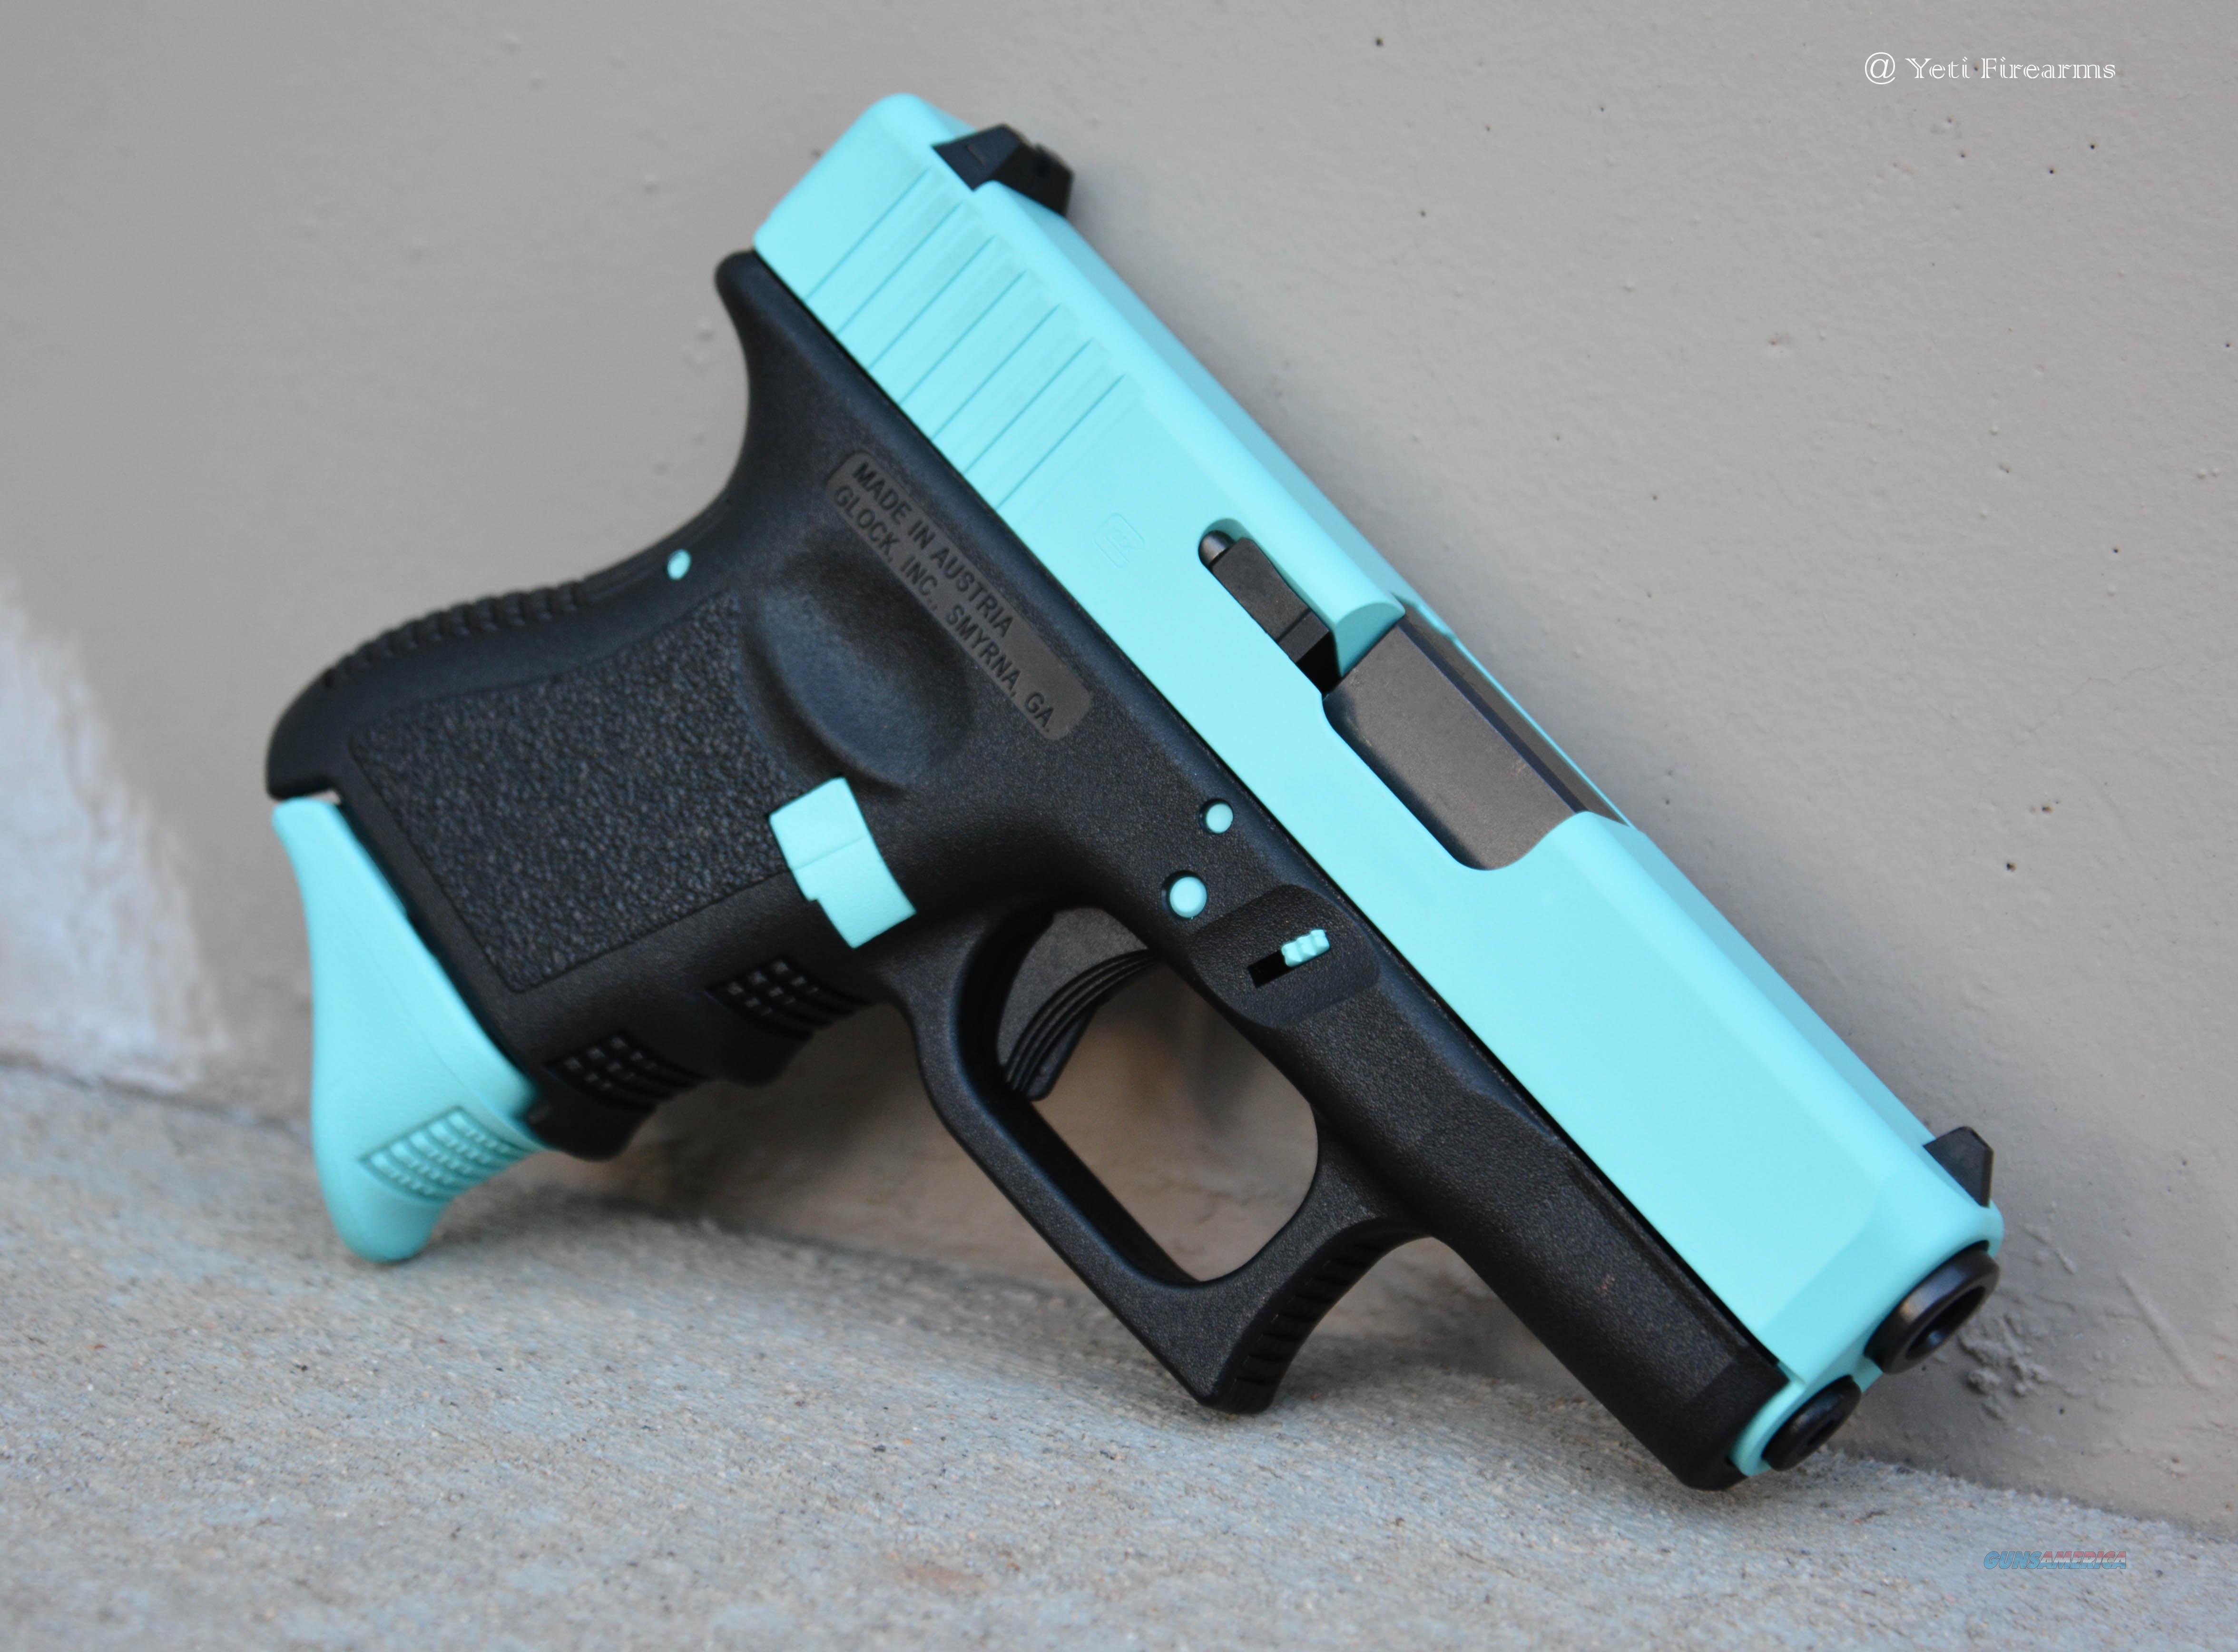 X Werks Glock 26 G3 9mm Robin S Egg Blue Pearce For Sale